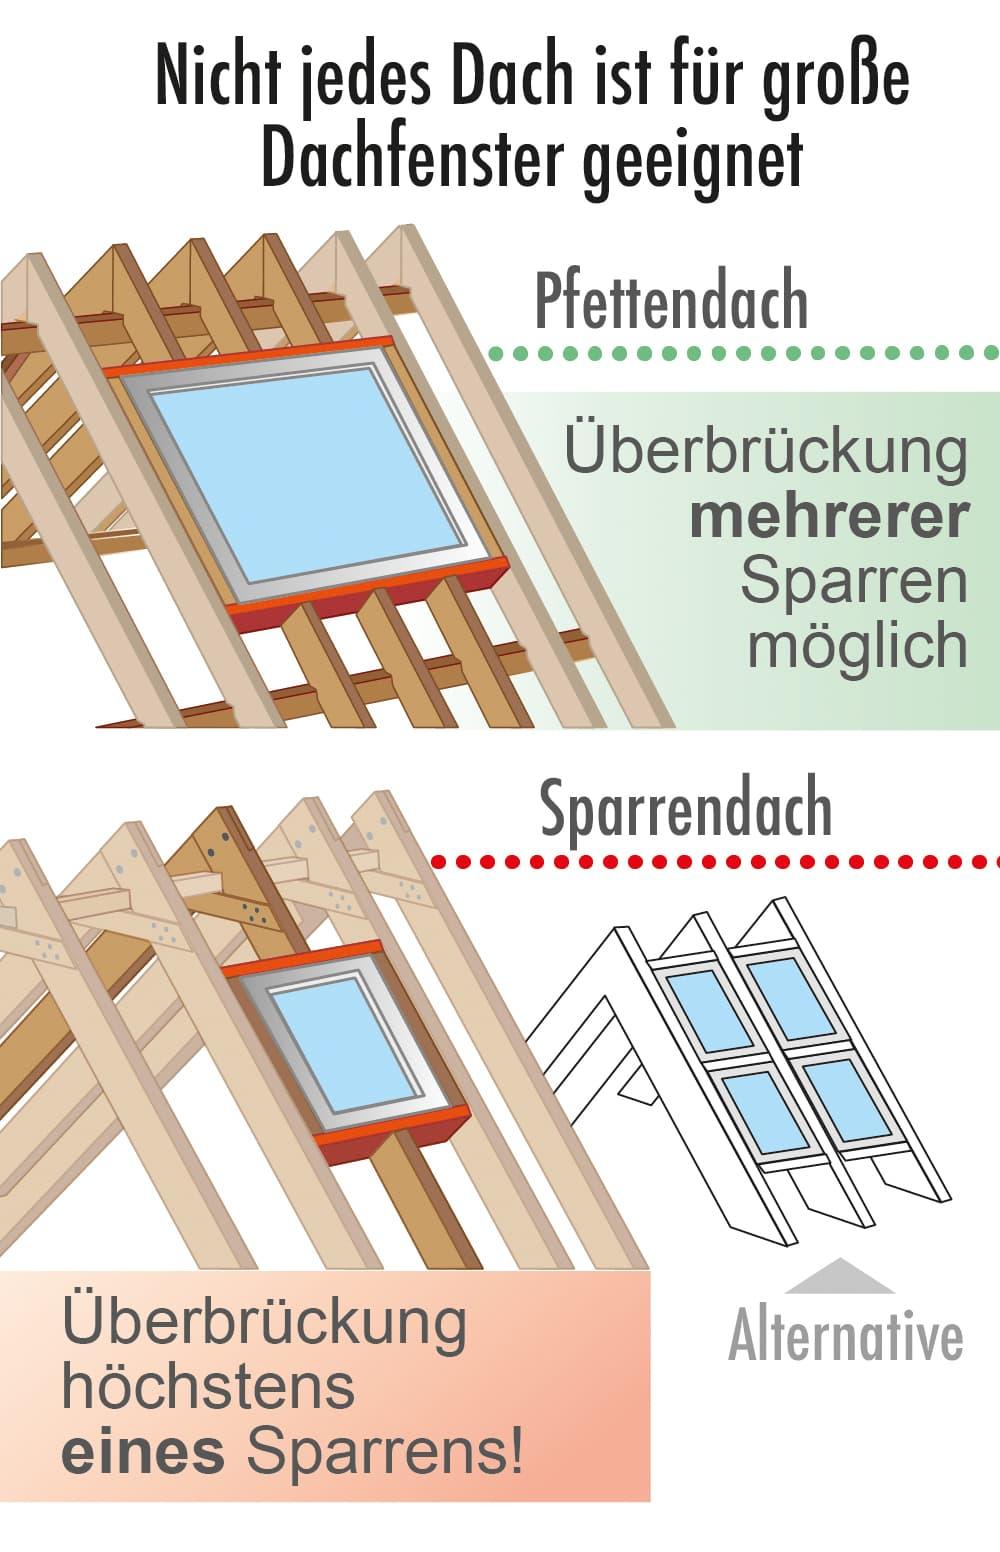 Der Einbau großer Dachflfächenfenster ist beim Pfettendach einfacher als beim Sparrendach